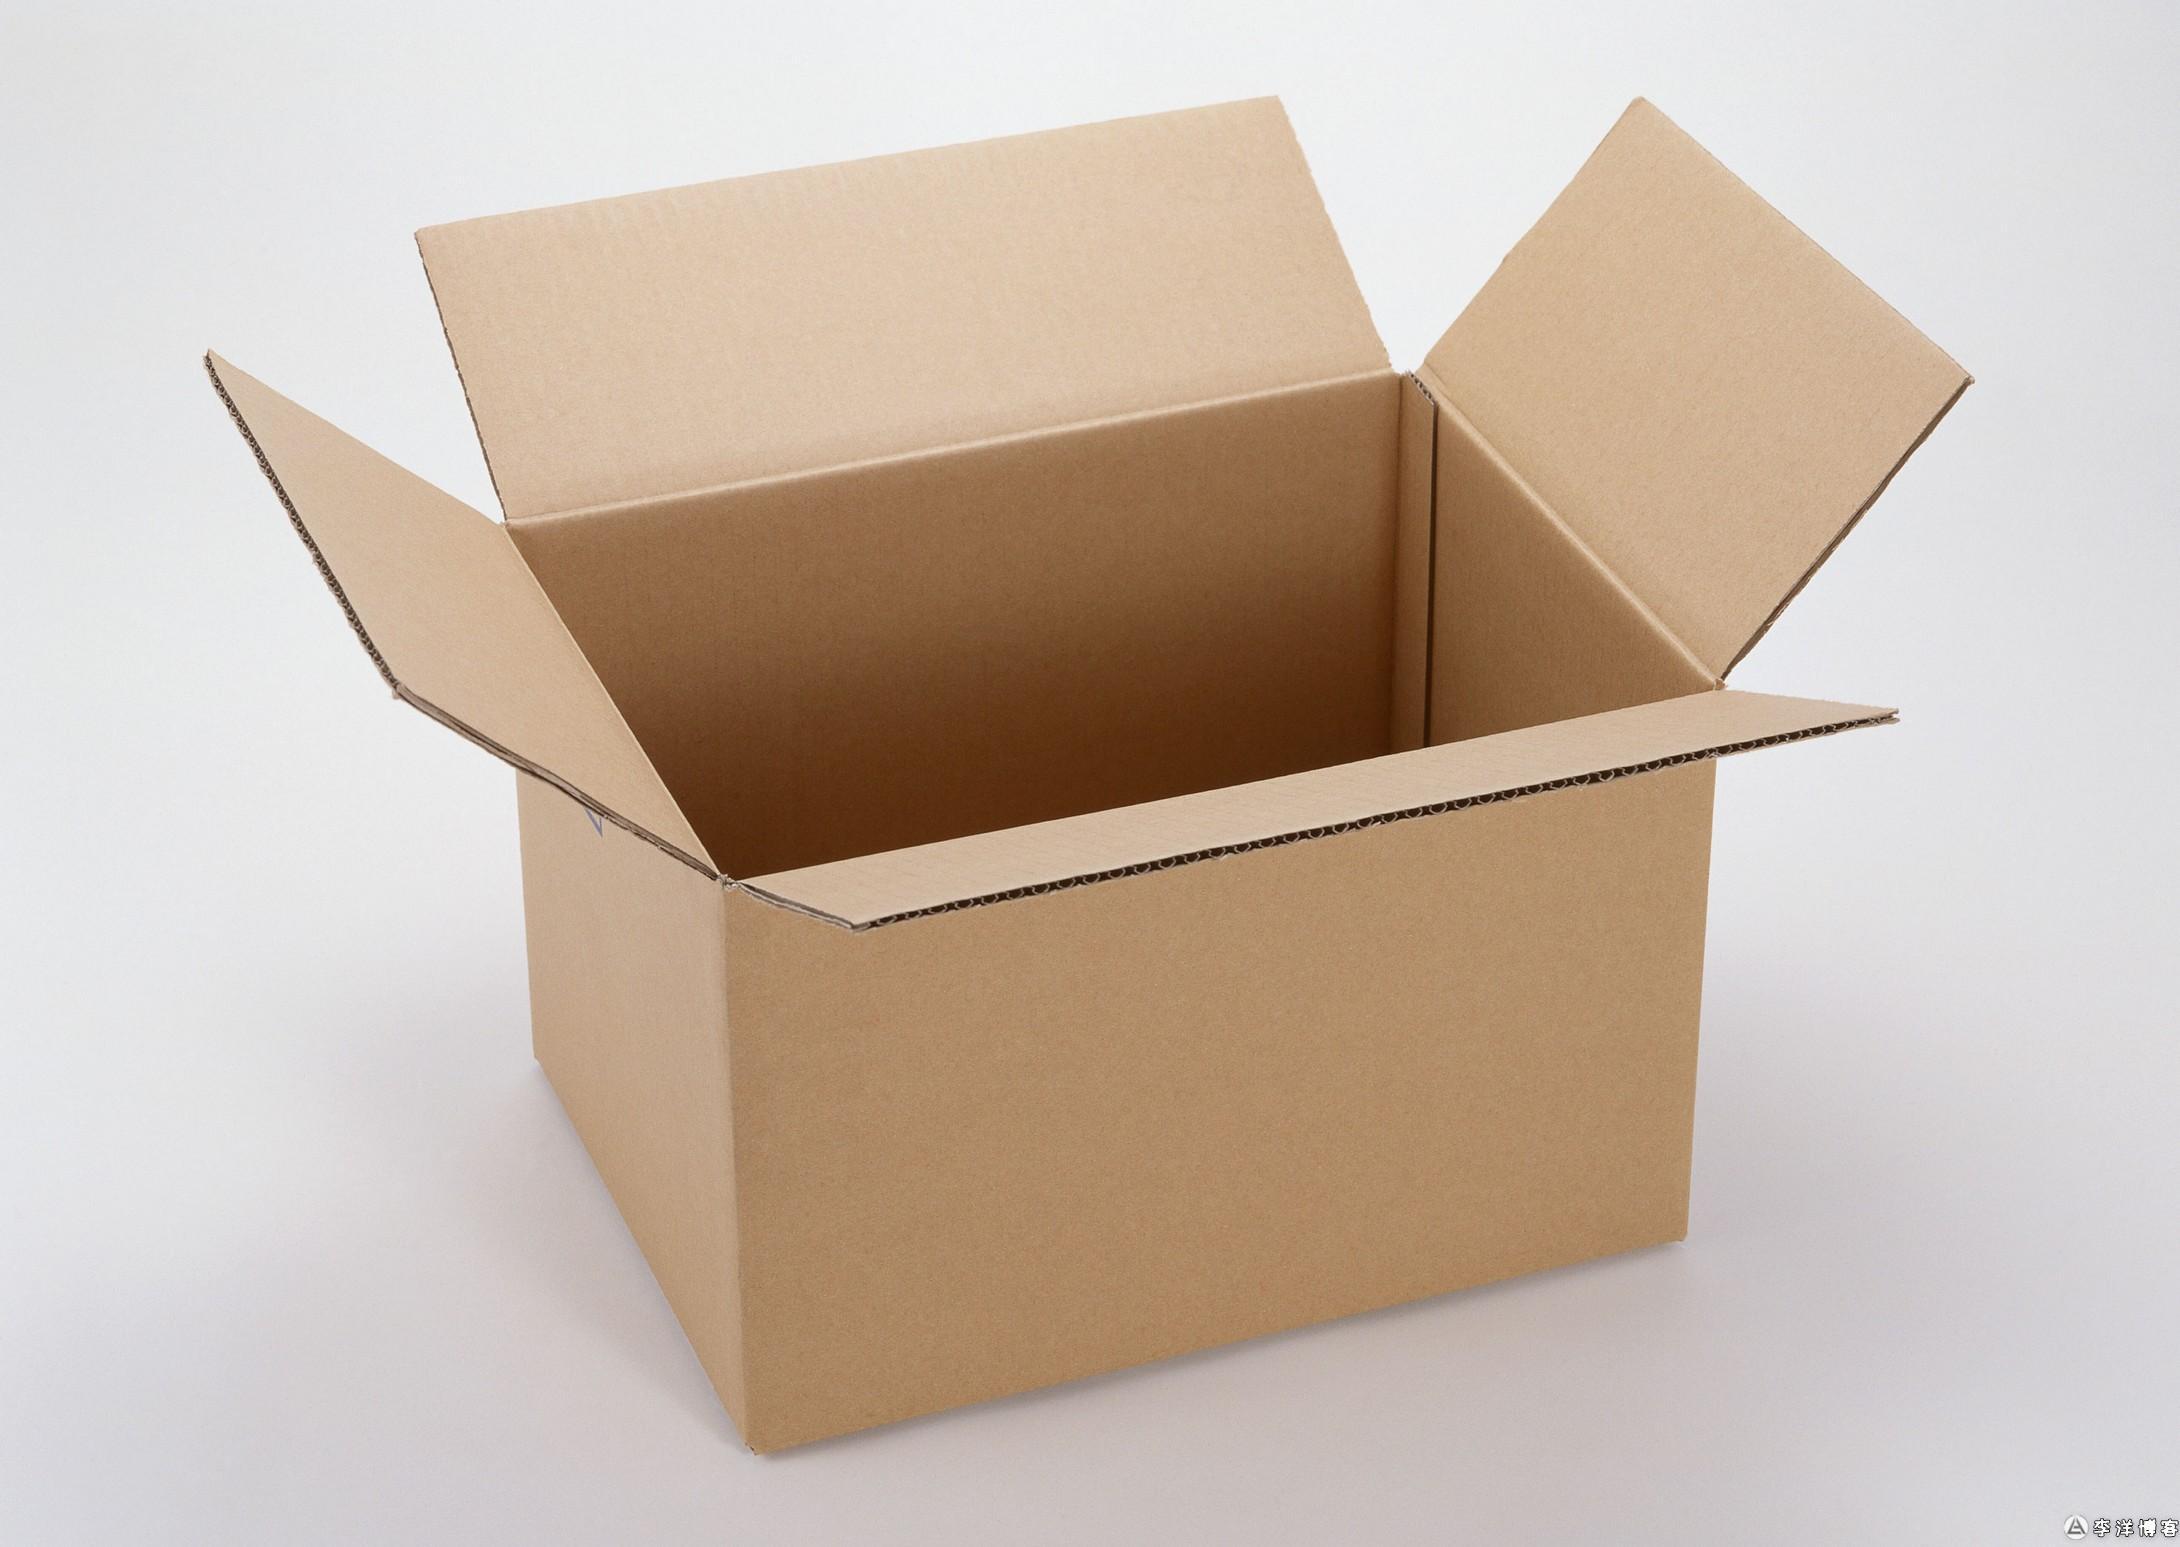 哈尔滨宾县纸箱包装厂电话_印刷排版设计的4个原则